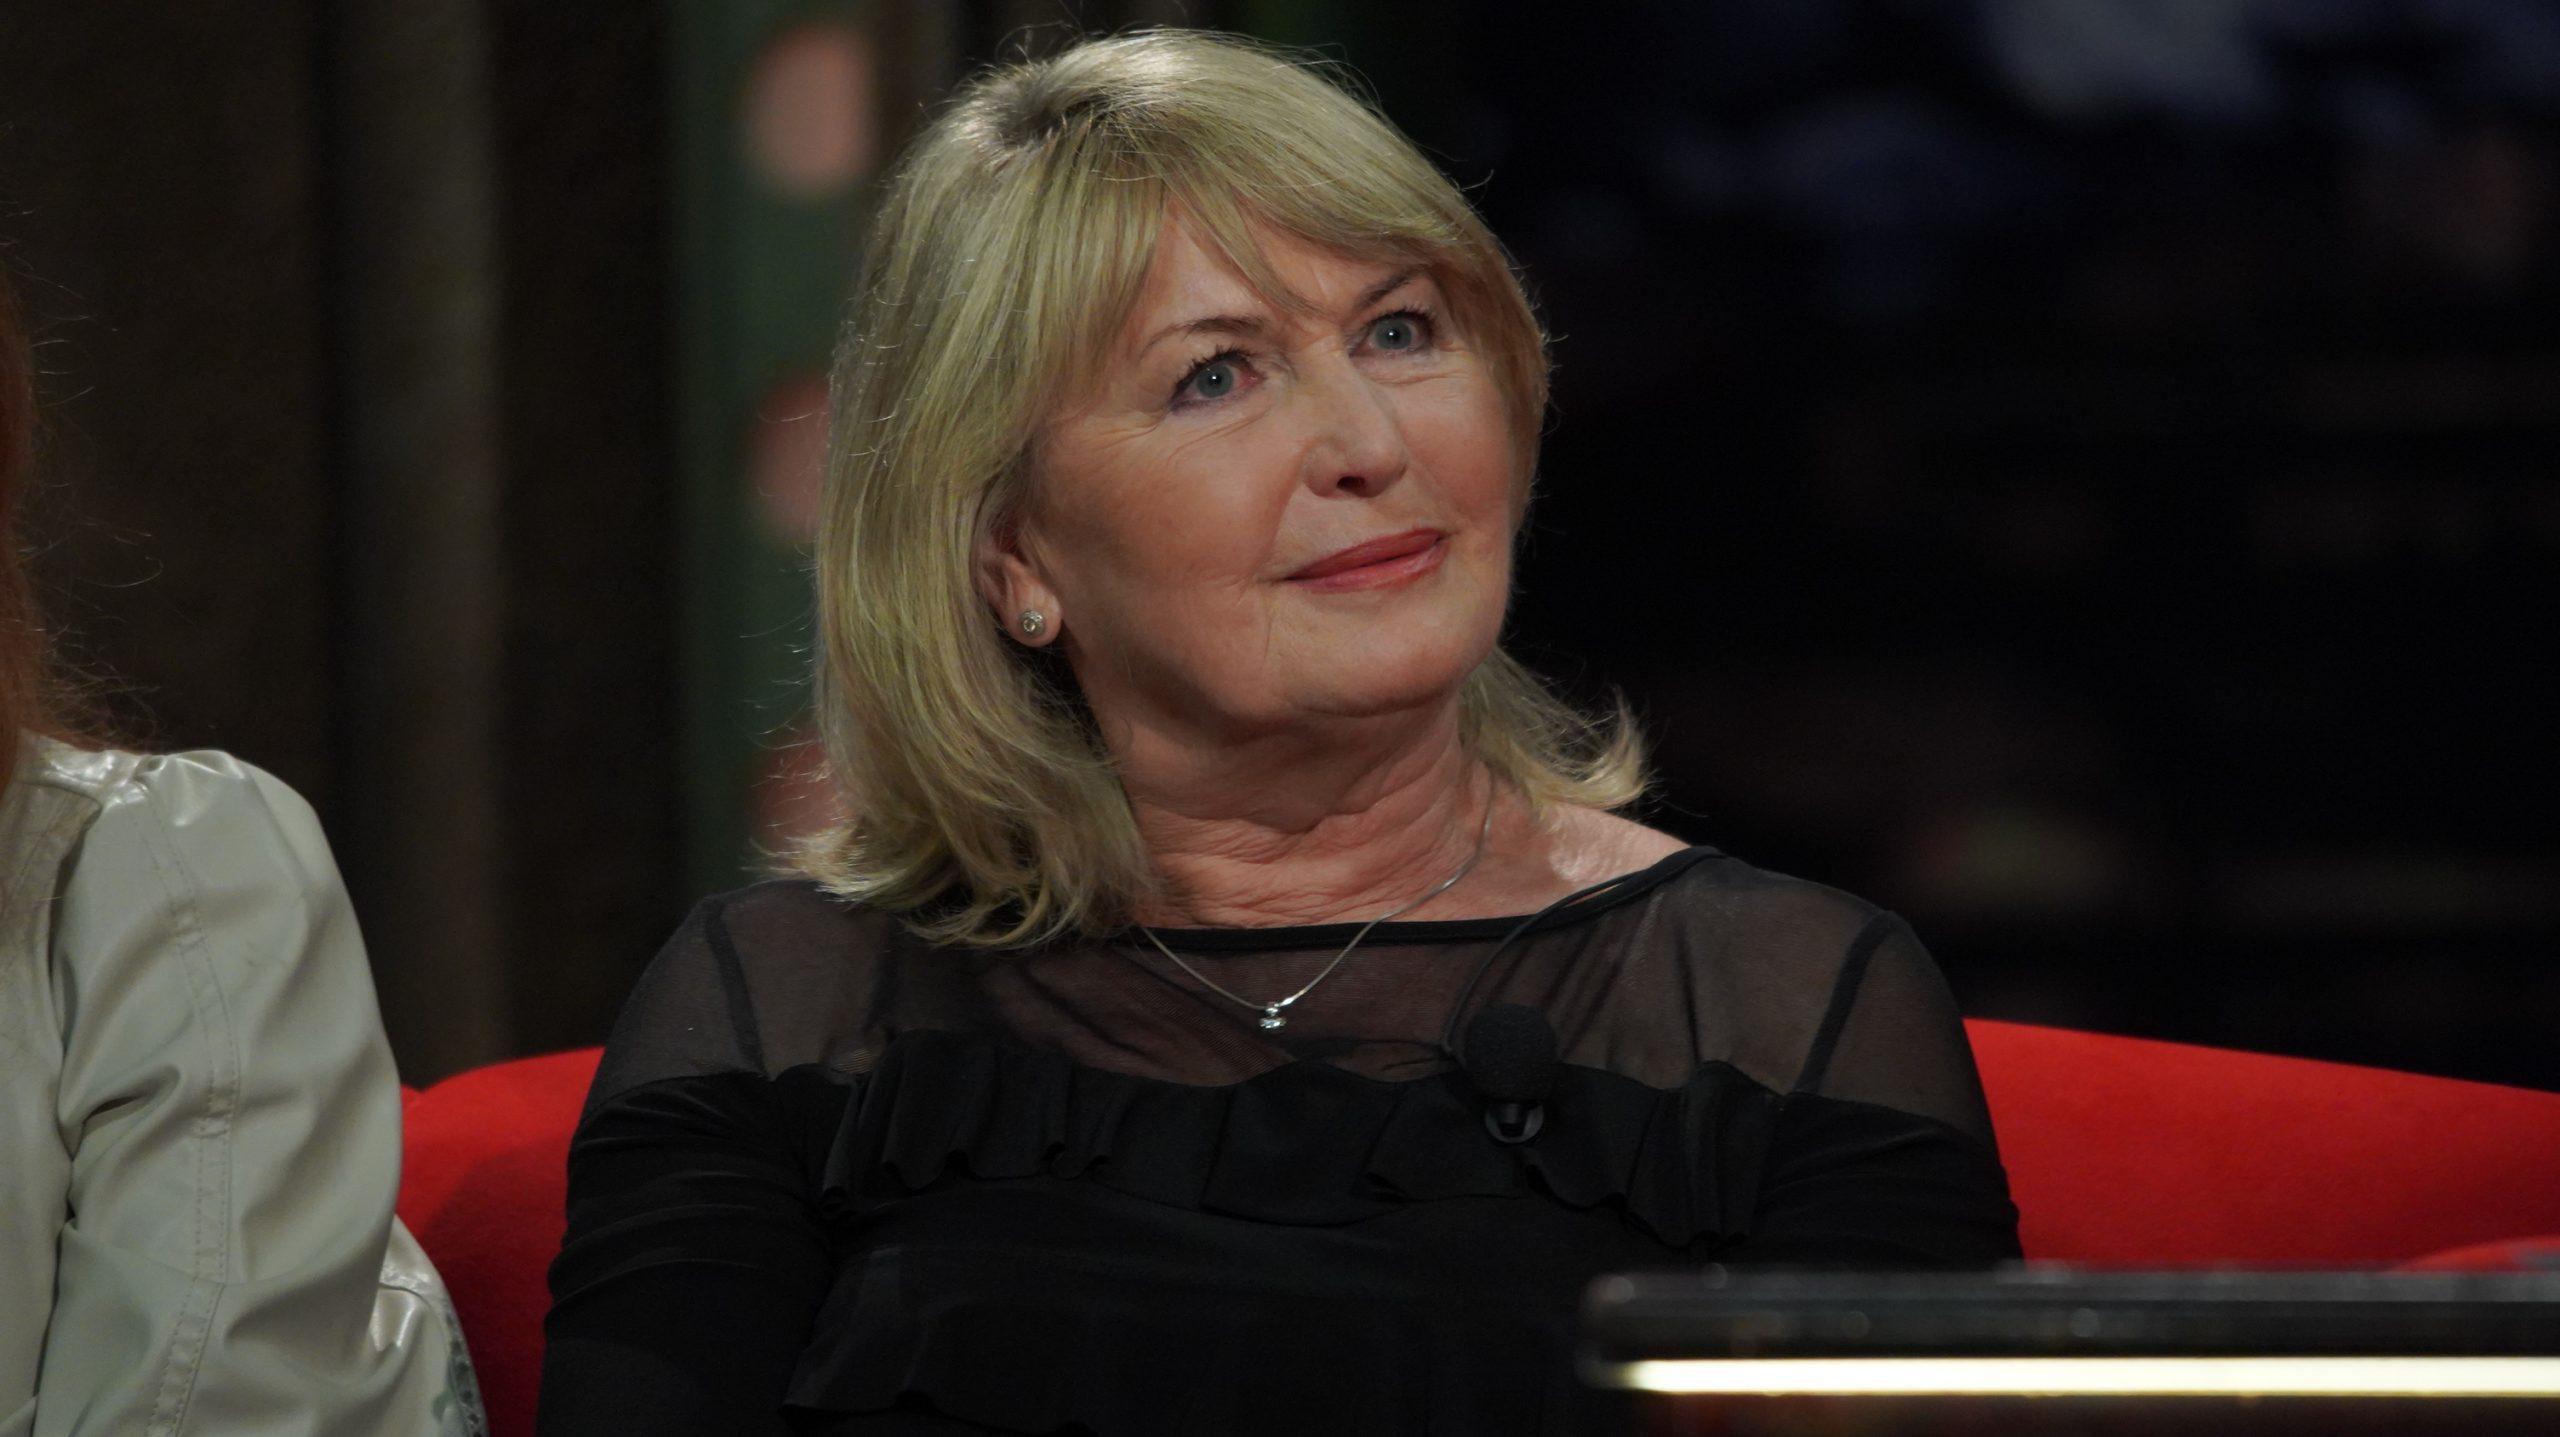 Herečka Eliška Balzerová v SJK 8. 9. 2021